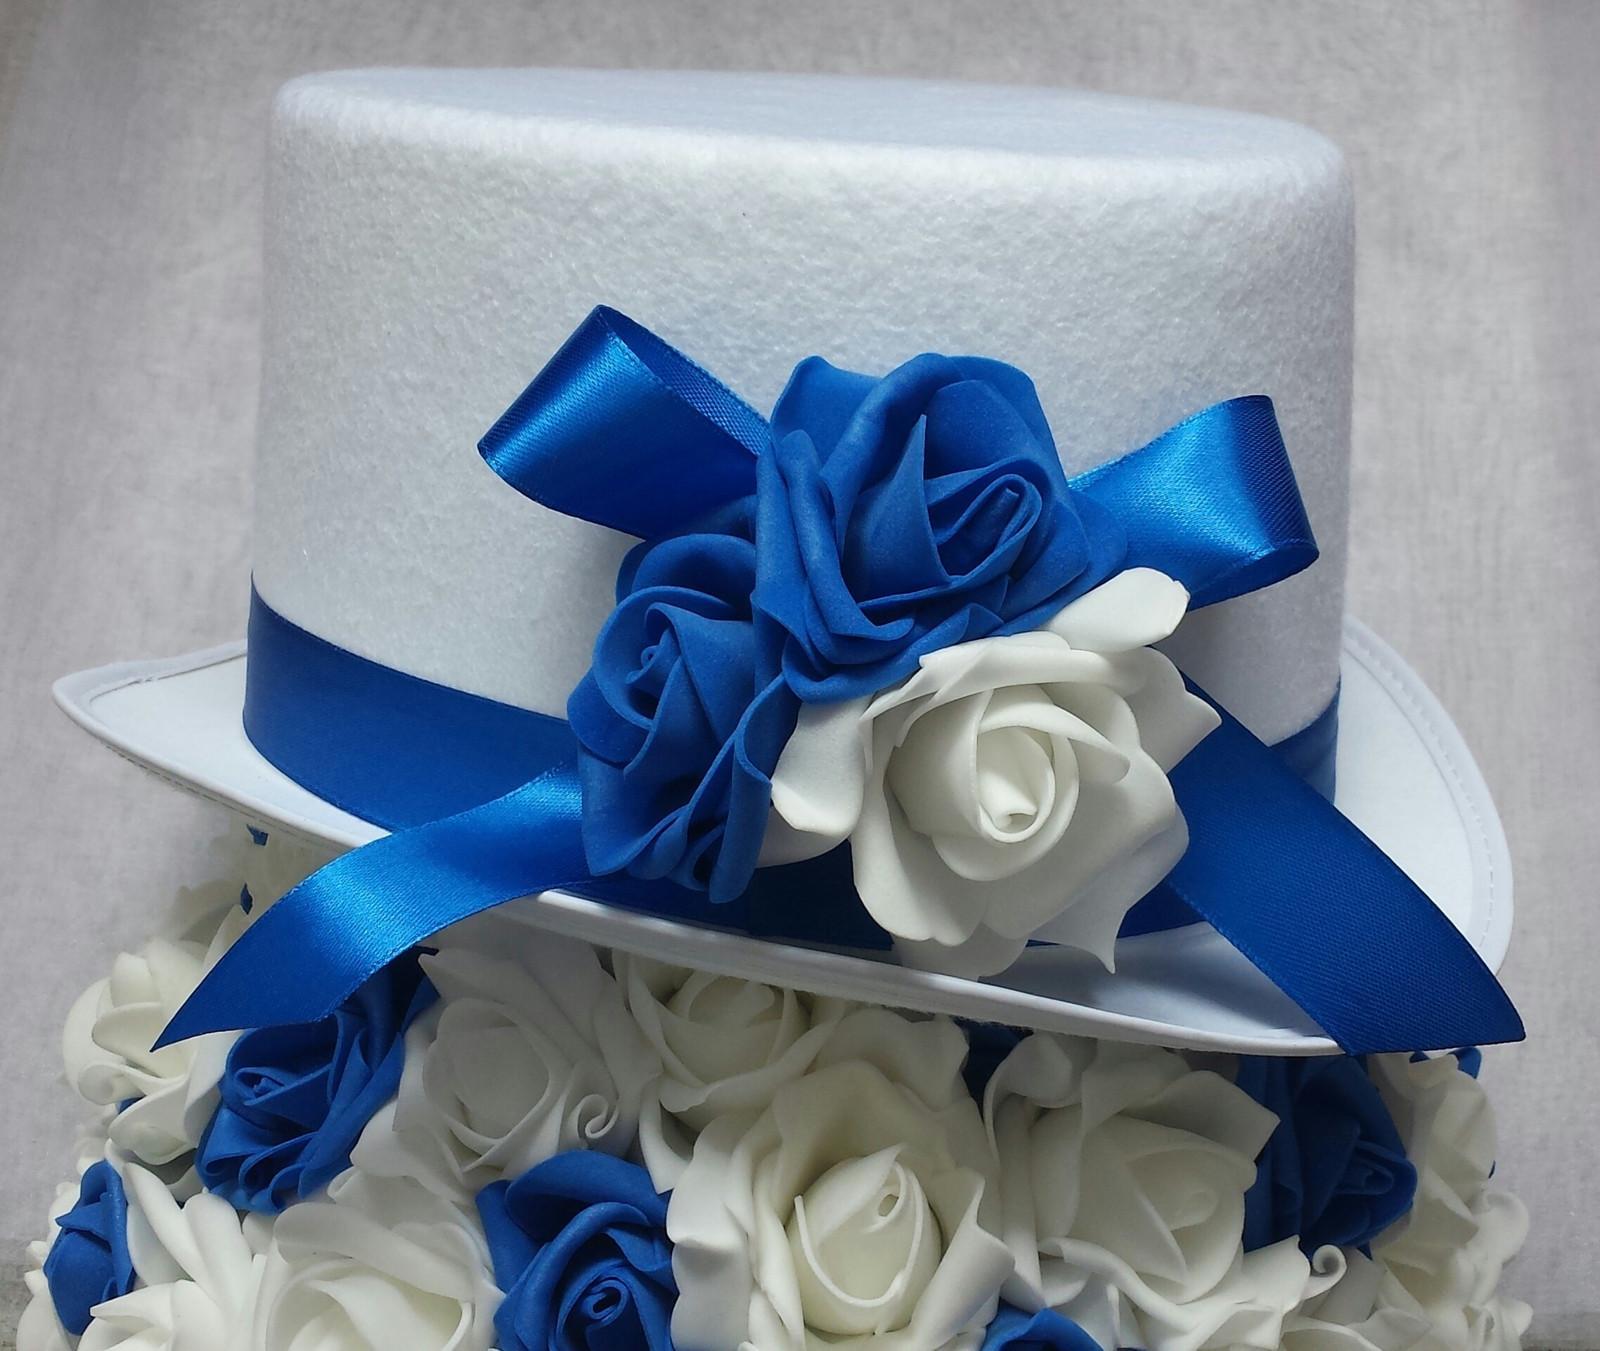 XXL Buket na svatební auto bílá a modrá - Obrázek č. 2